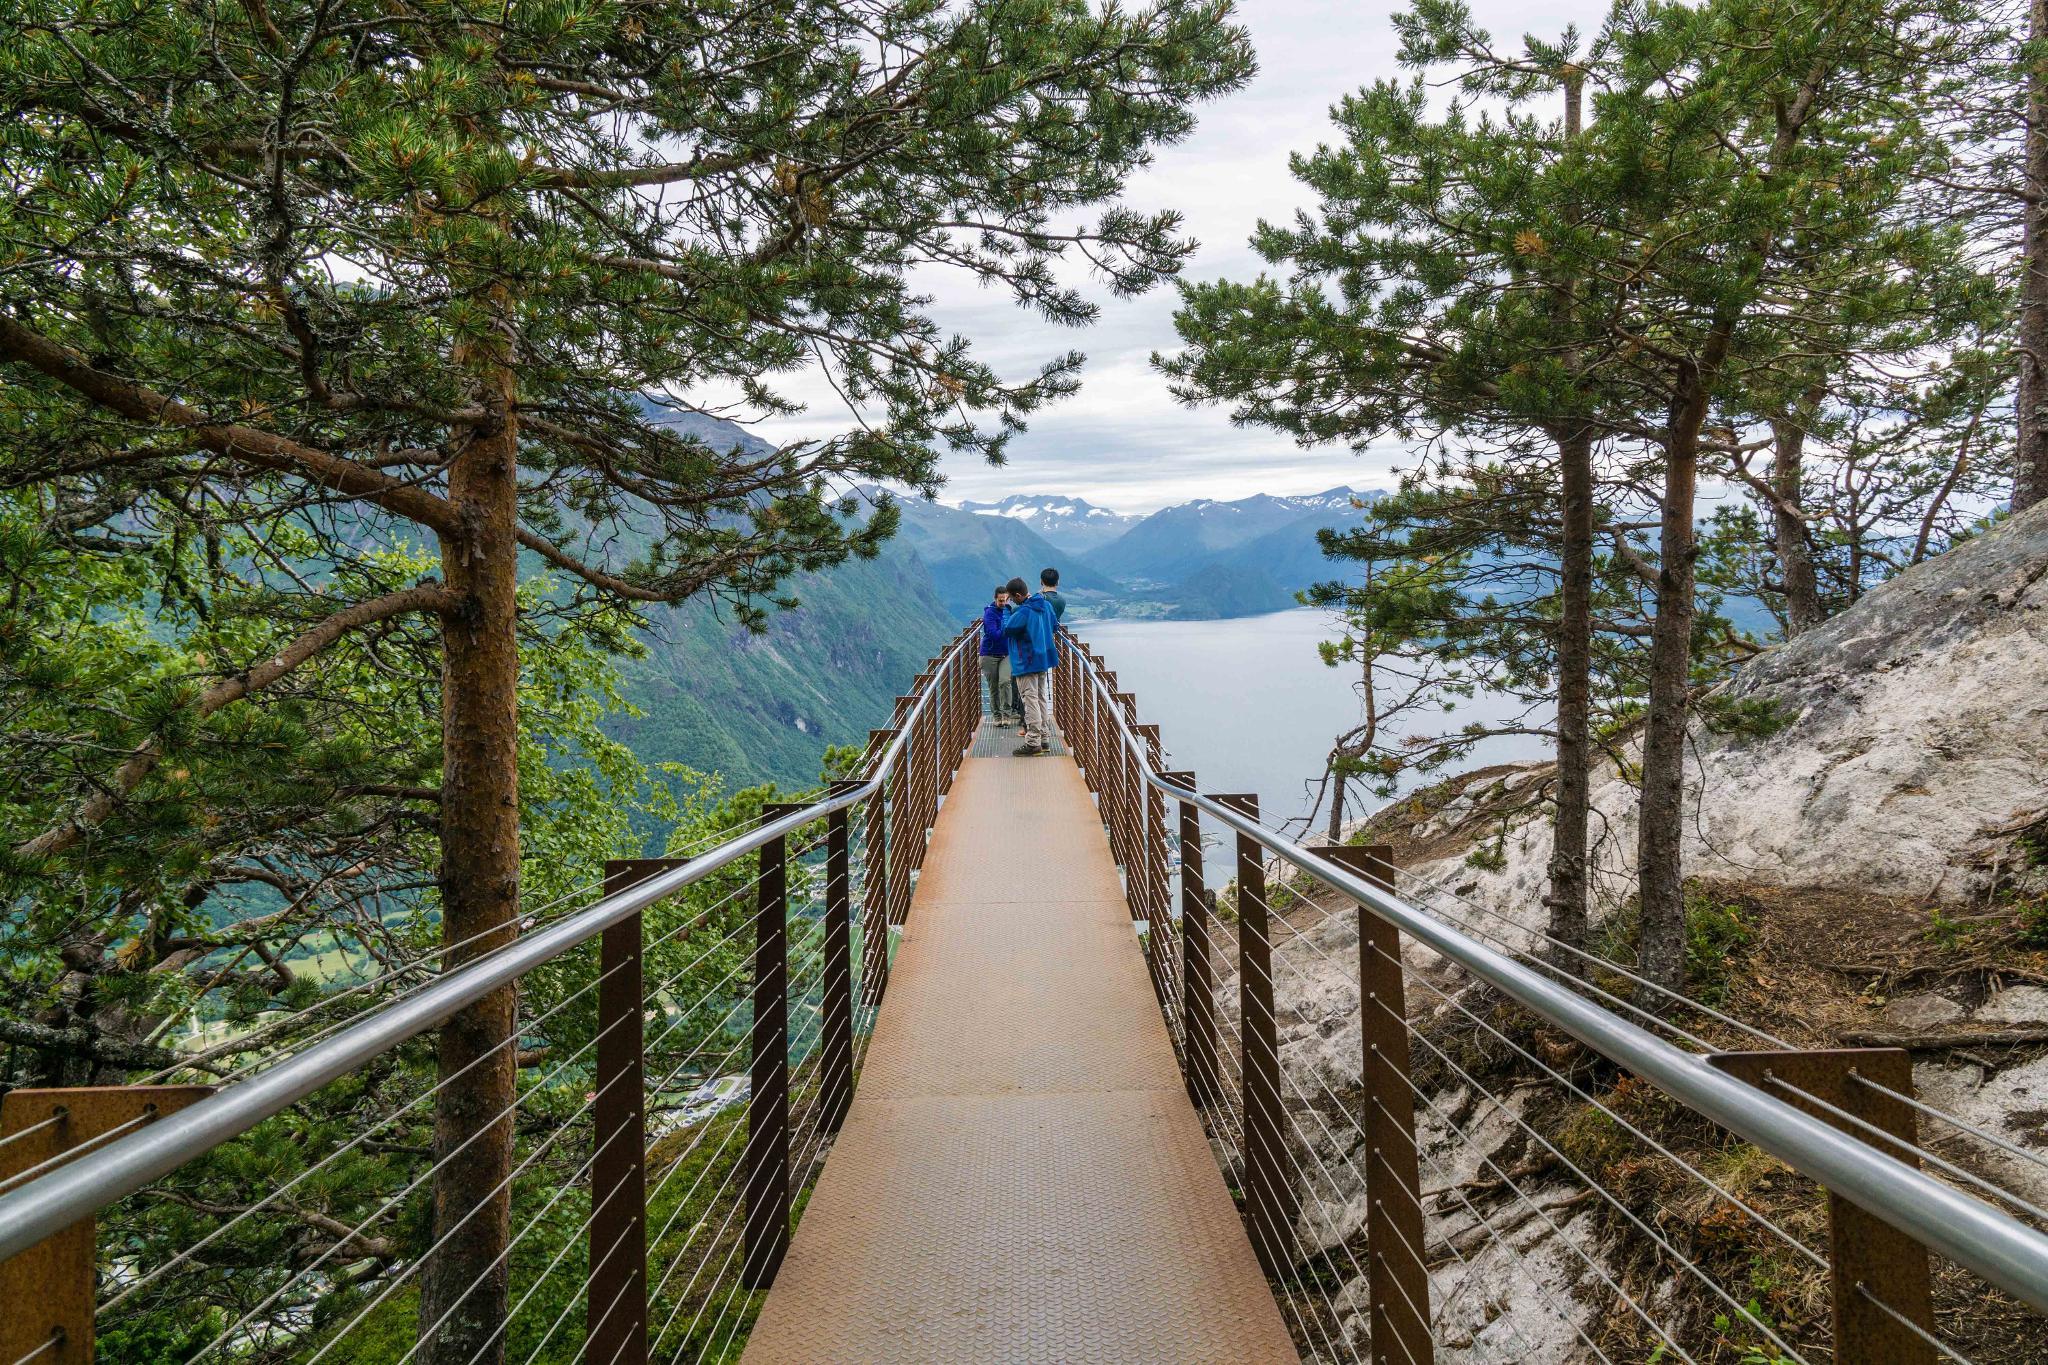 【北歐景點】峽灣區起點Åndalsnes健行 - 鳥瞰峽灣全景的Rampestreken觀景台 20